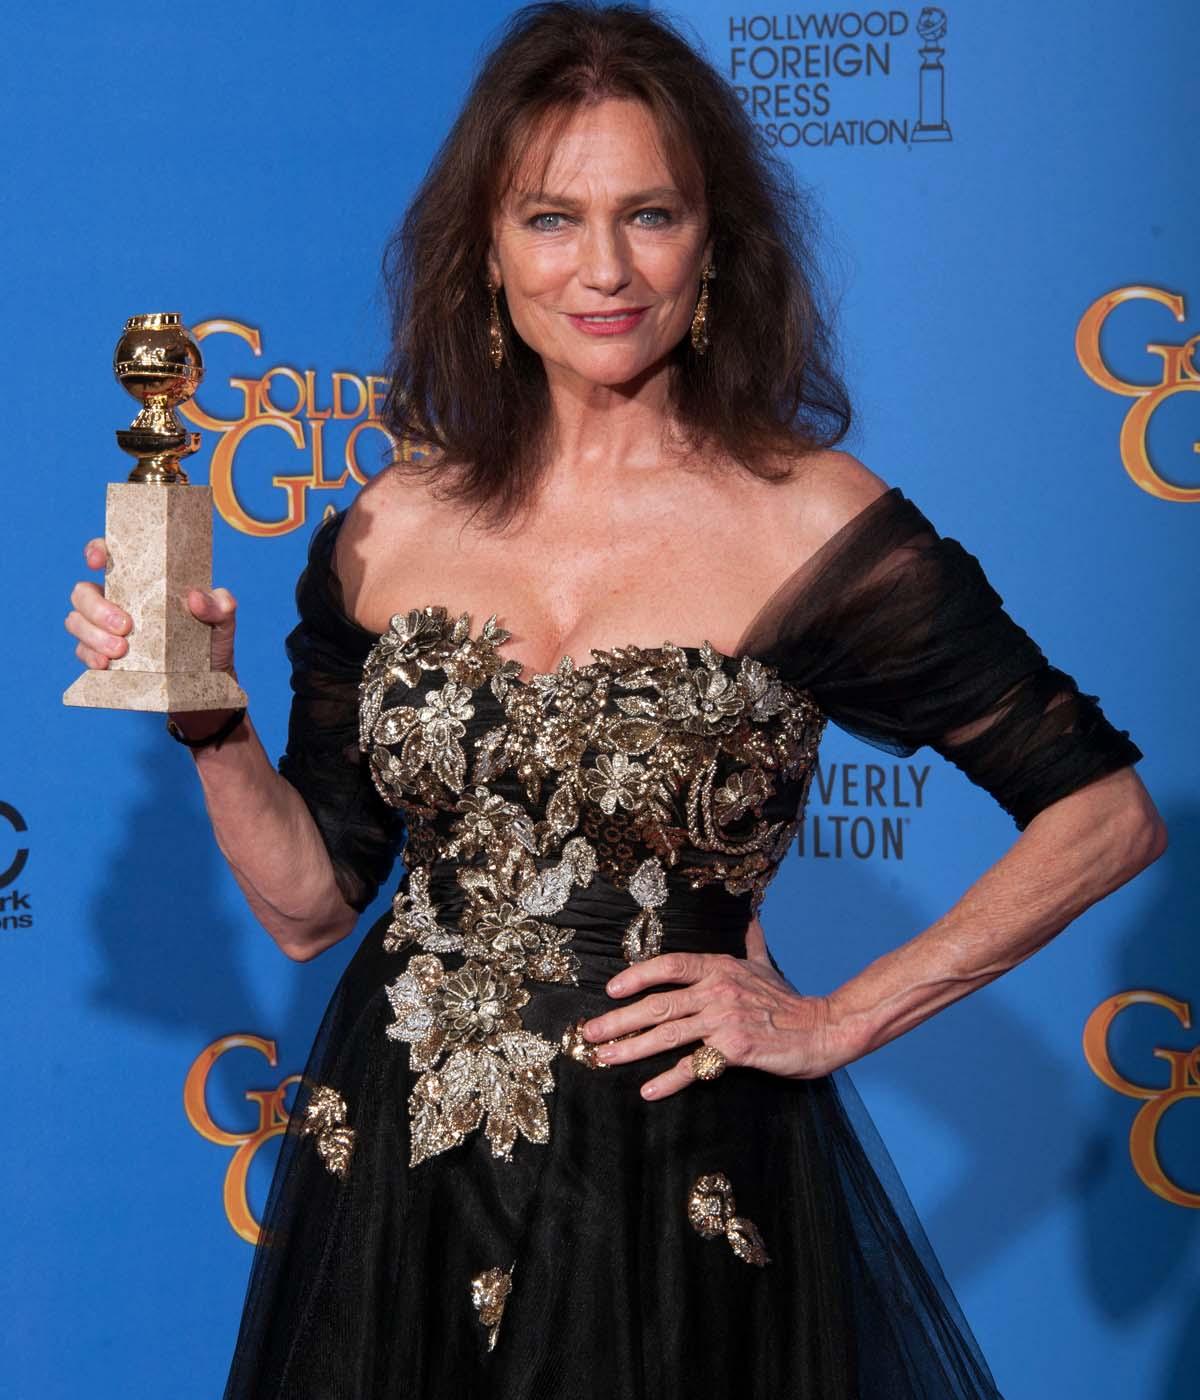 Jacqueline Bisset Golden Globes winner